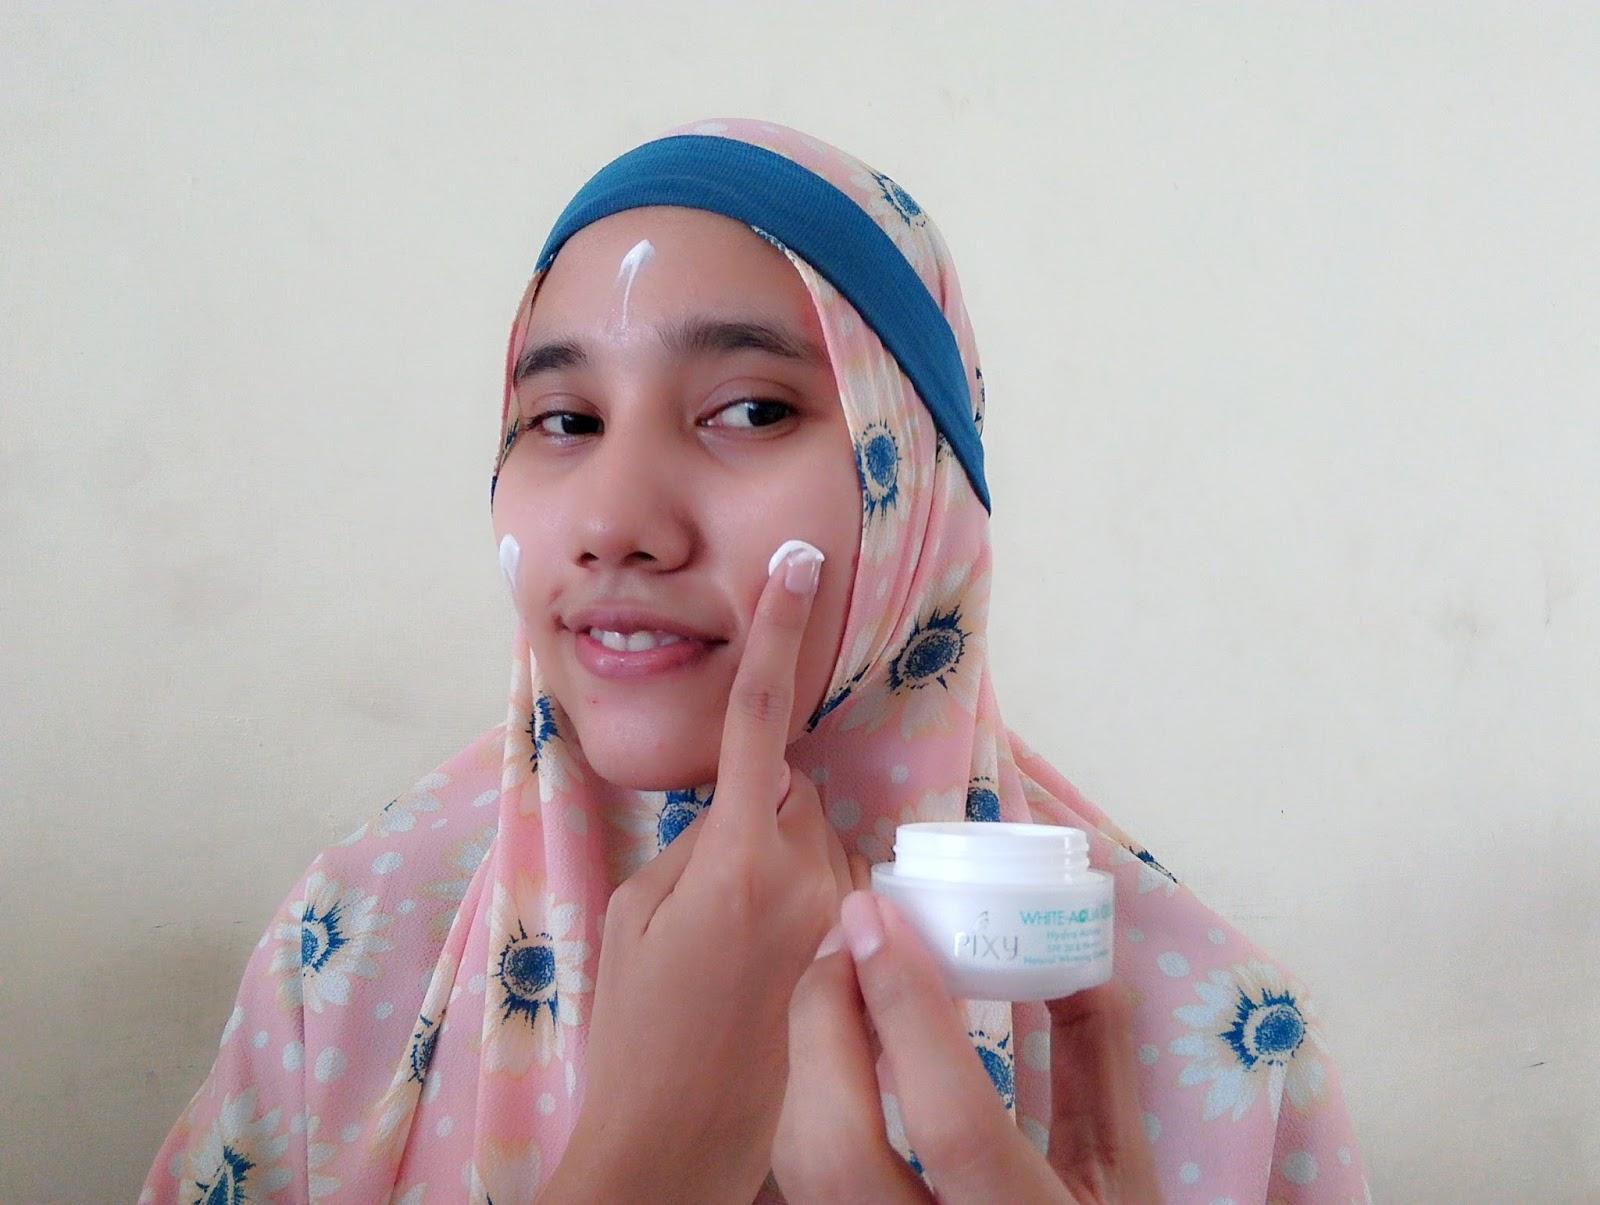 Selalu gunakan pelembab setiap hari karena kulit kita butuh nutrisi Aku menggunakan Pixy Aqua Gel Day Cream pelembap antioksidan yang mengandung SPF 30